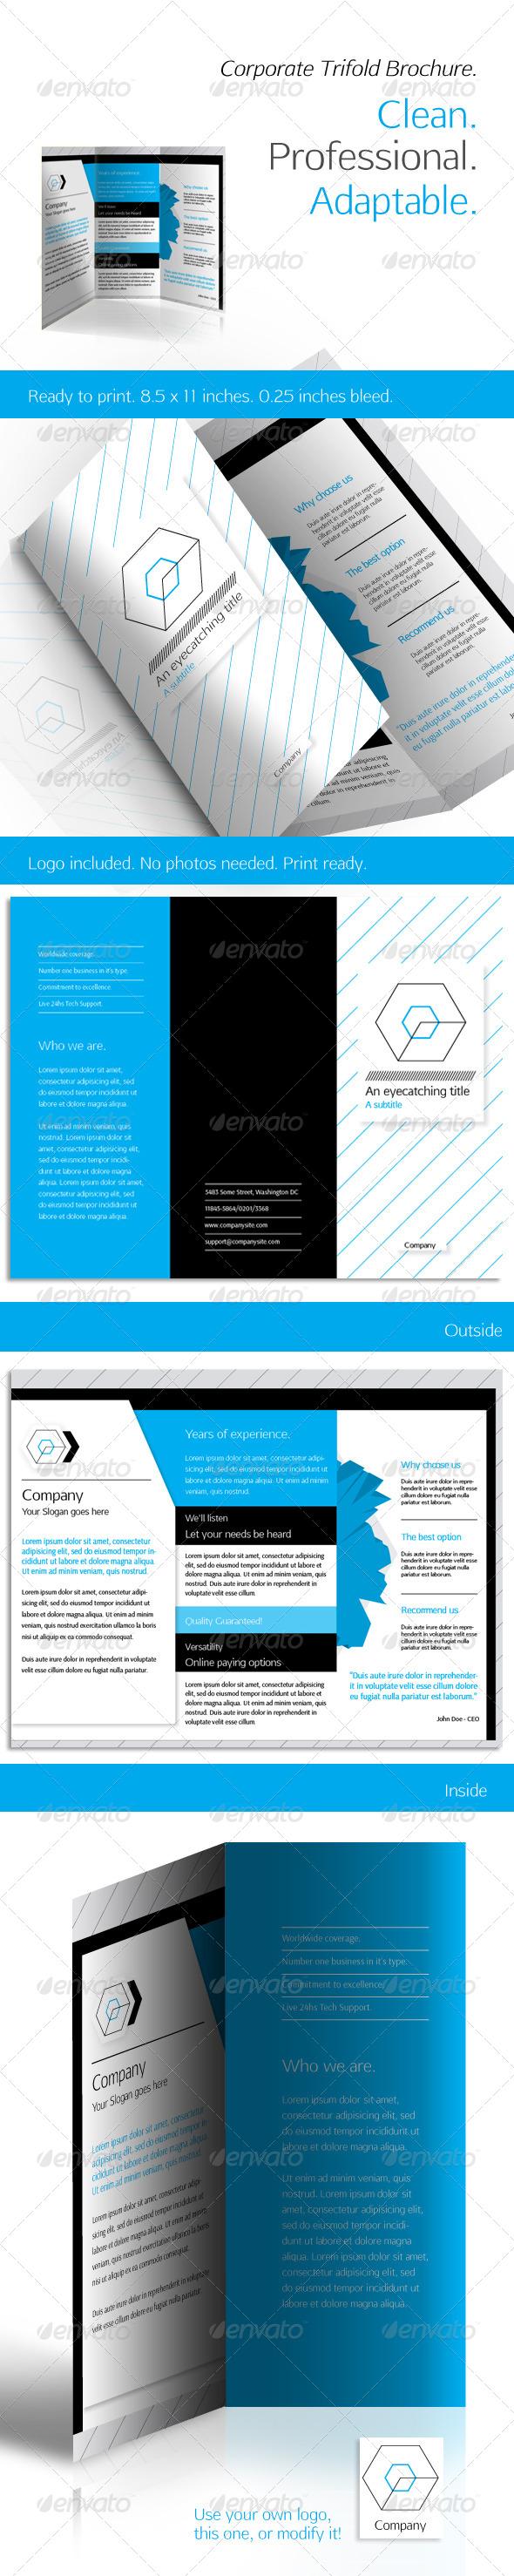 GraphicRiver Corporate Trifold Brochure 4748681